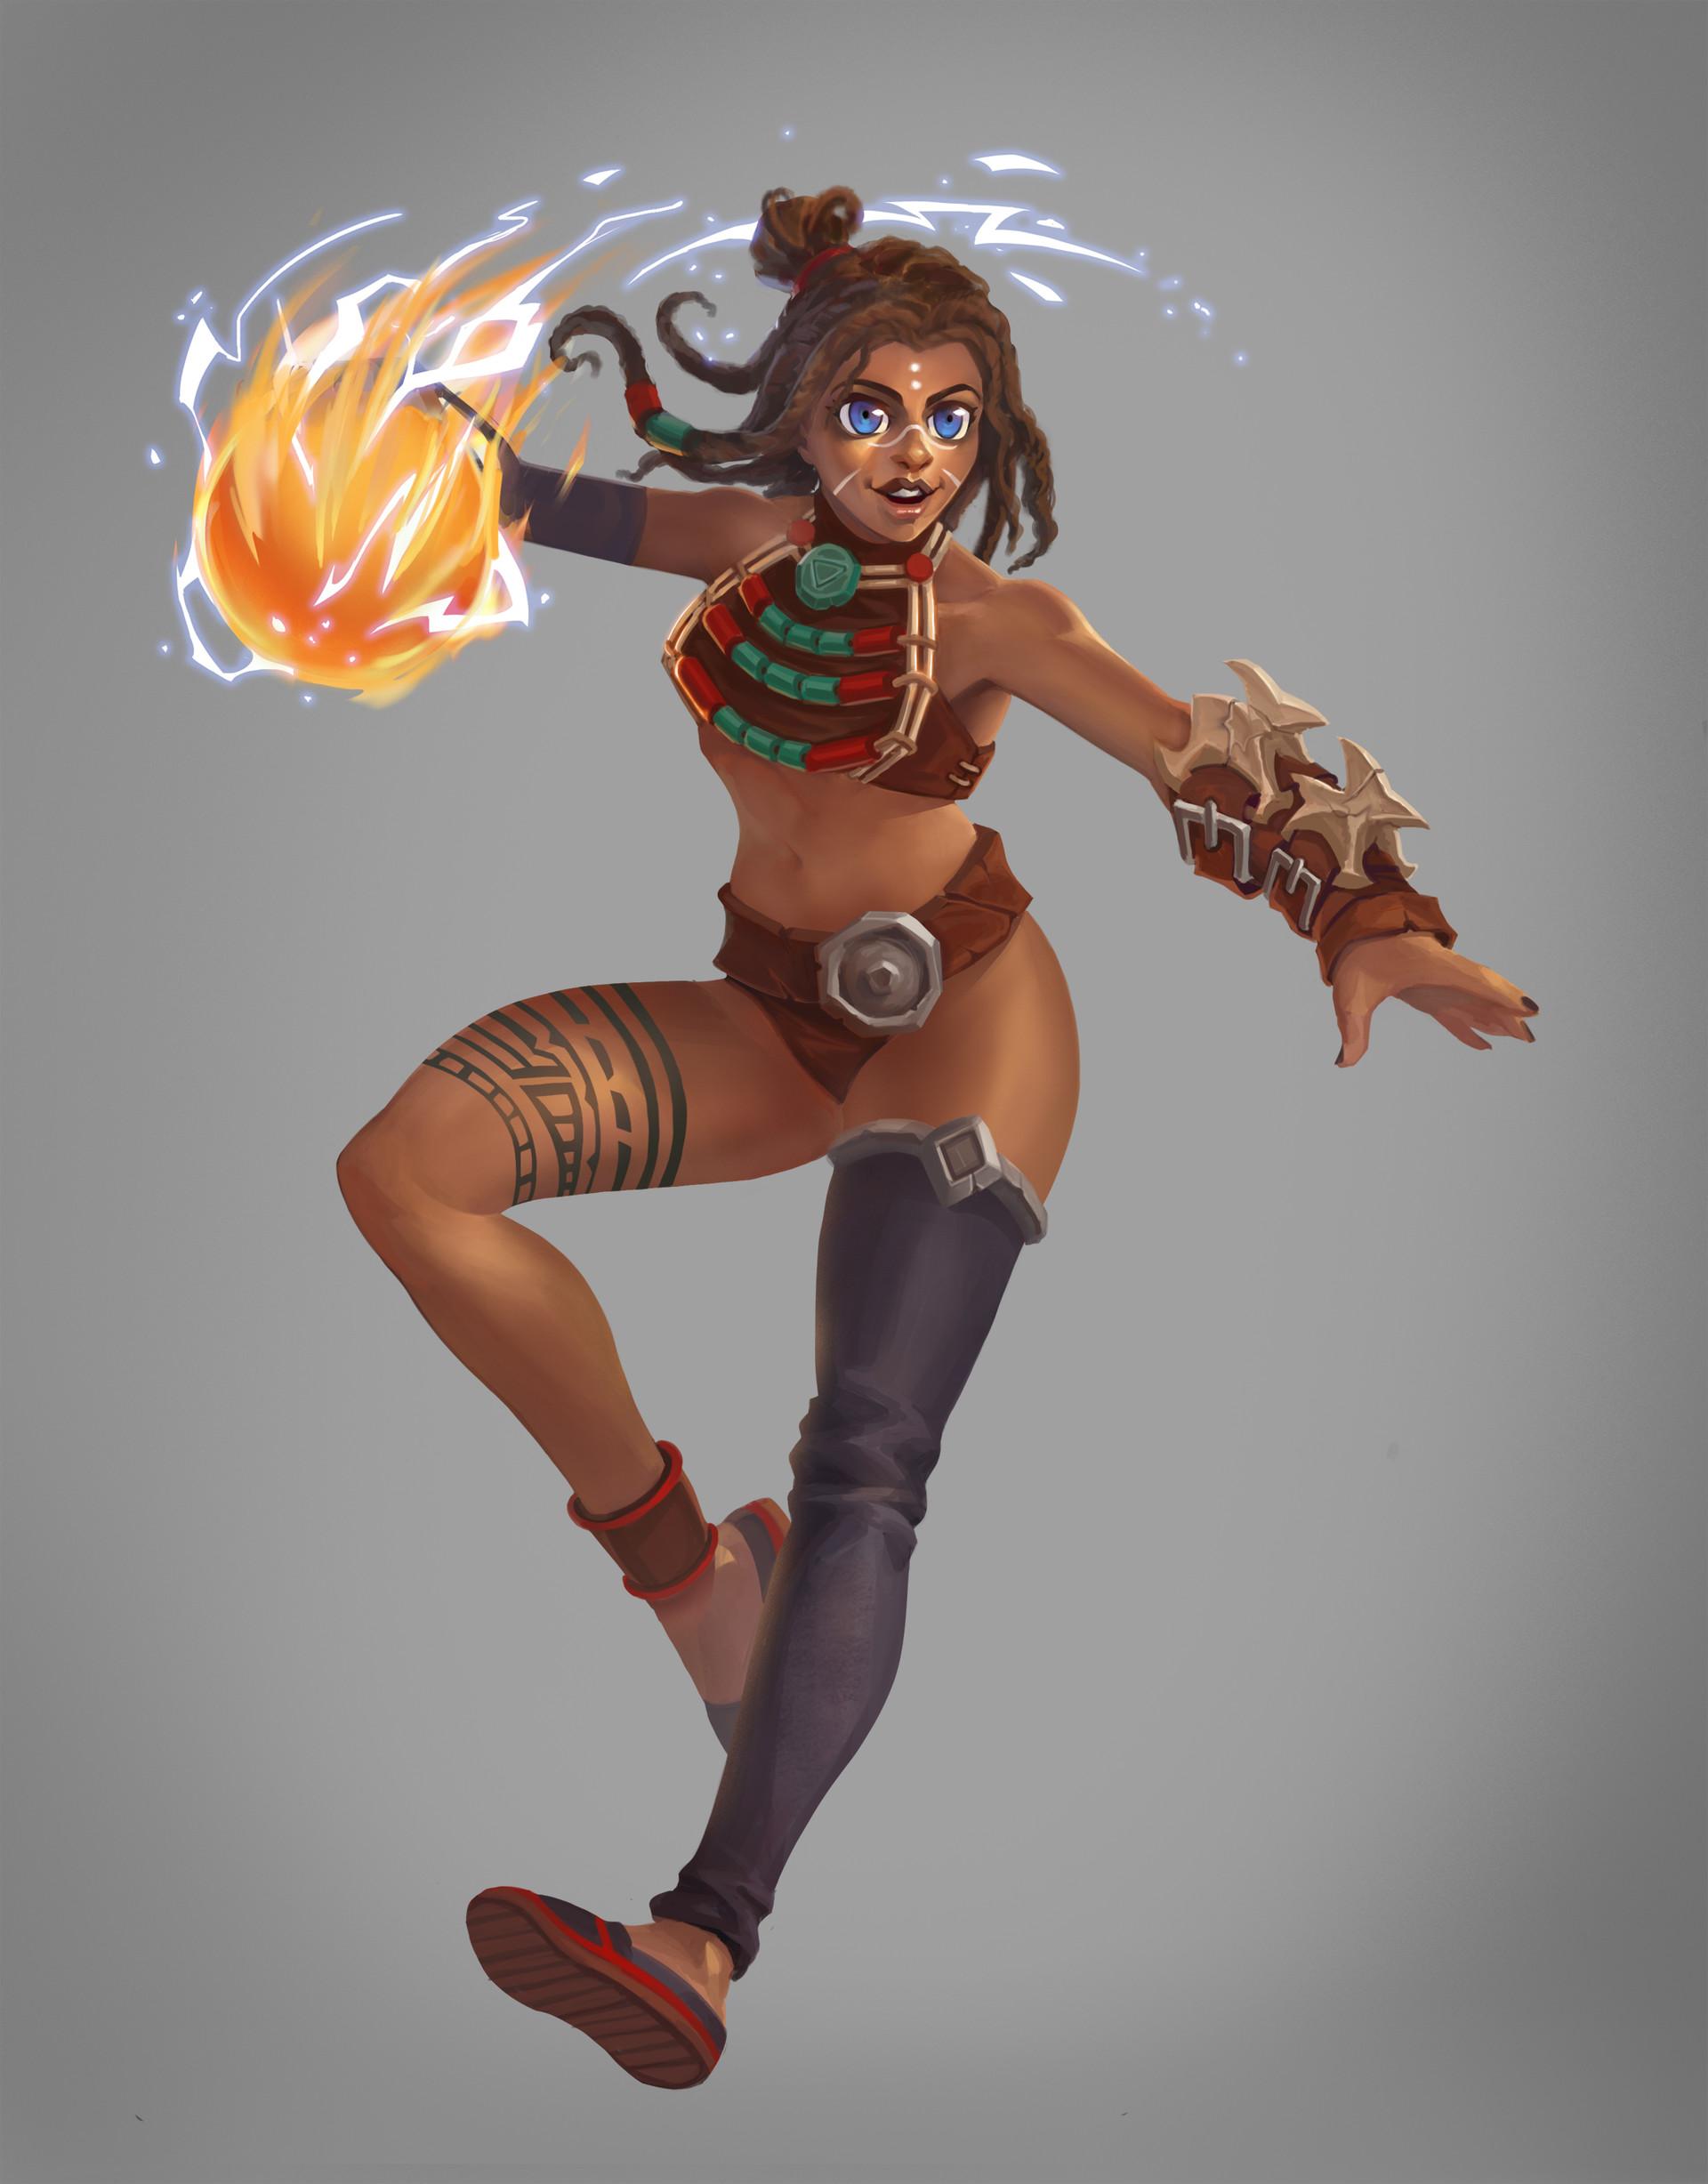 Greg mack final skeleton warrior female